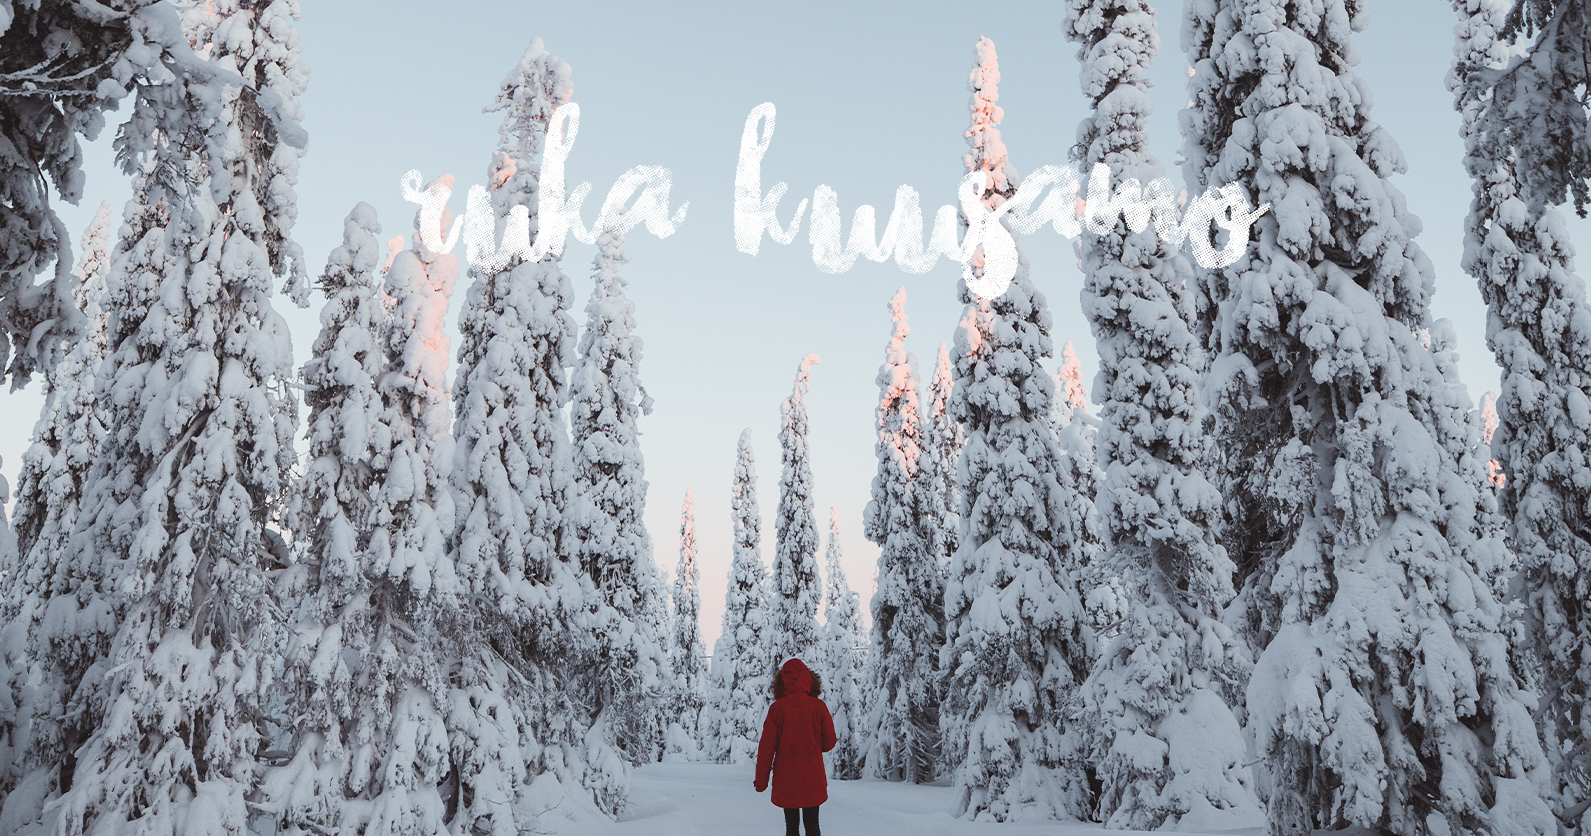 Ruka-Kuusamo